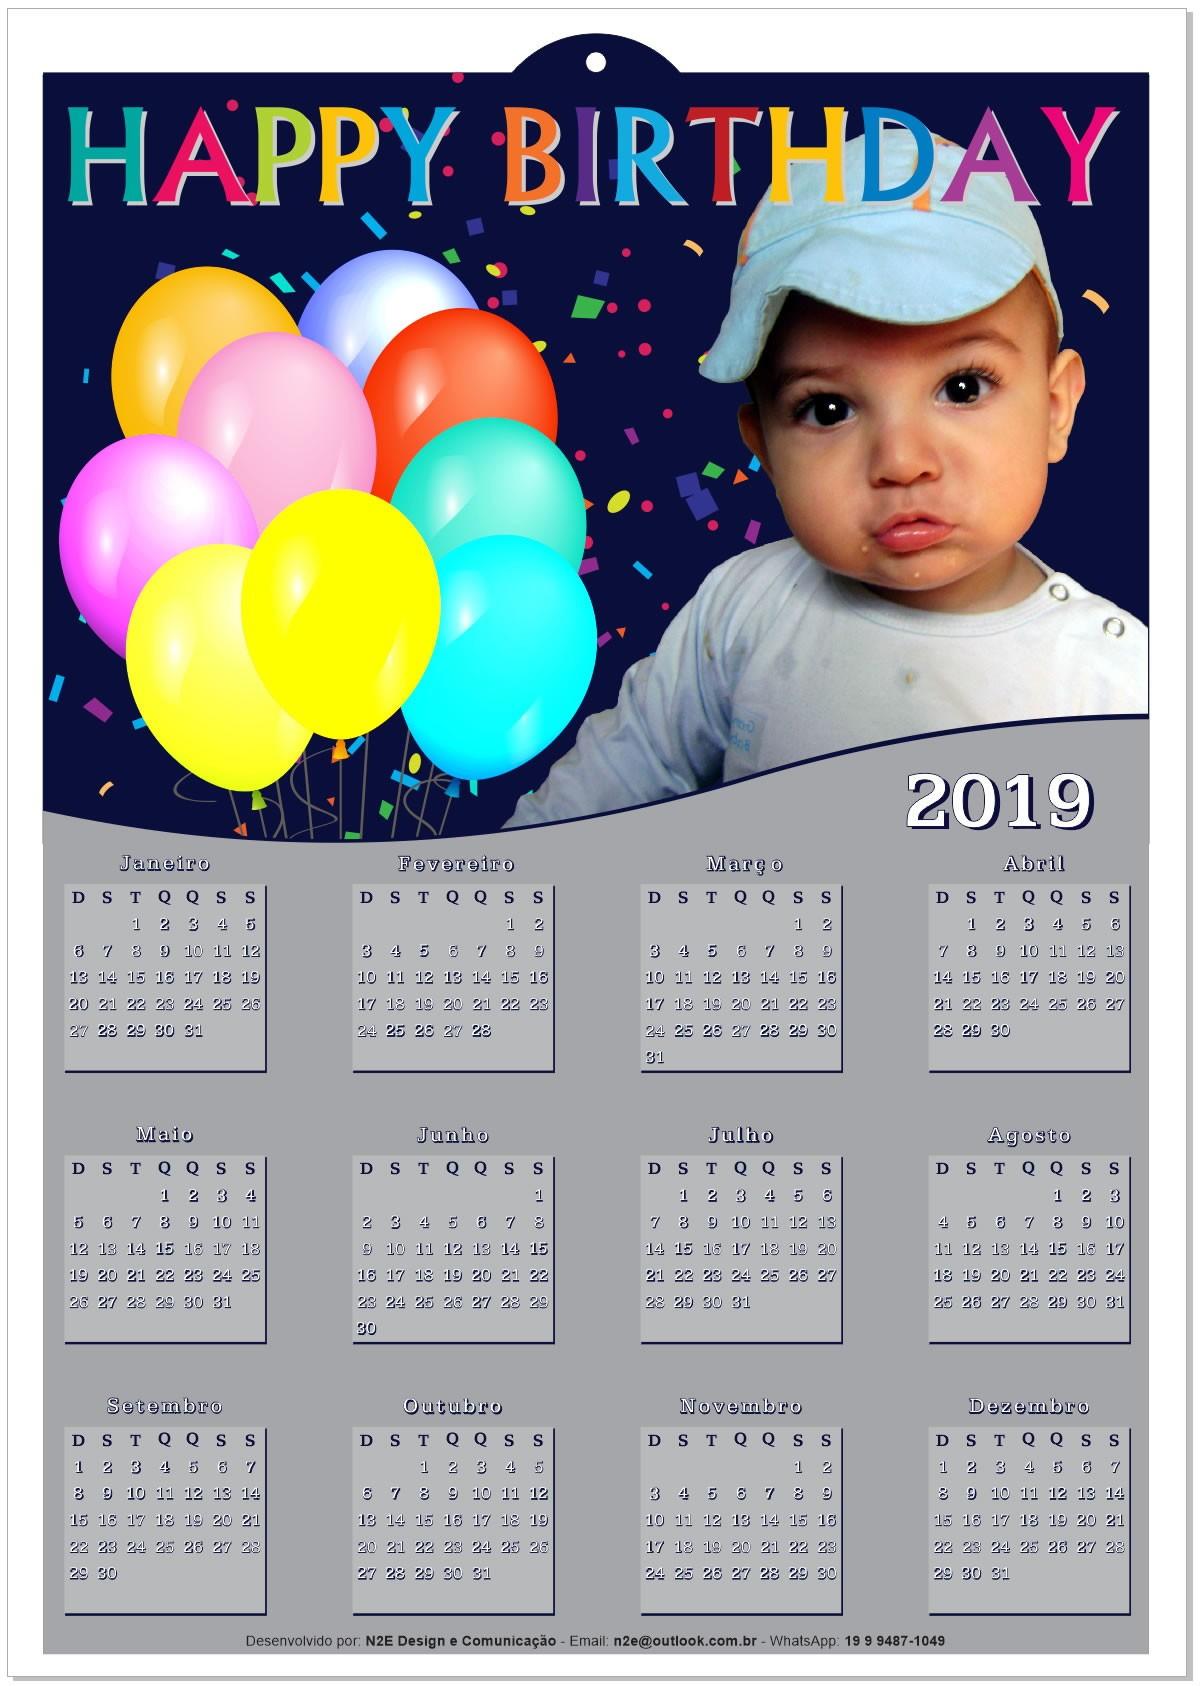 Calendário 2019 Personalizado a Foto do Seu Filho Tema no Elo7